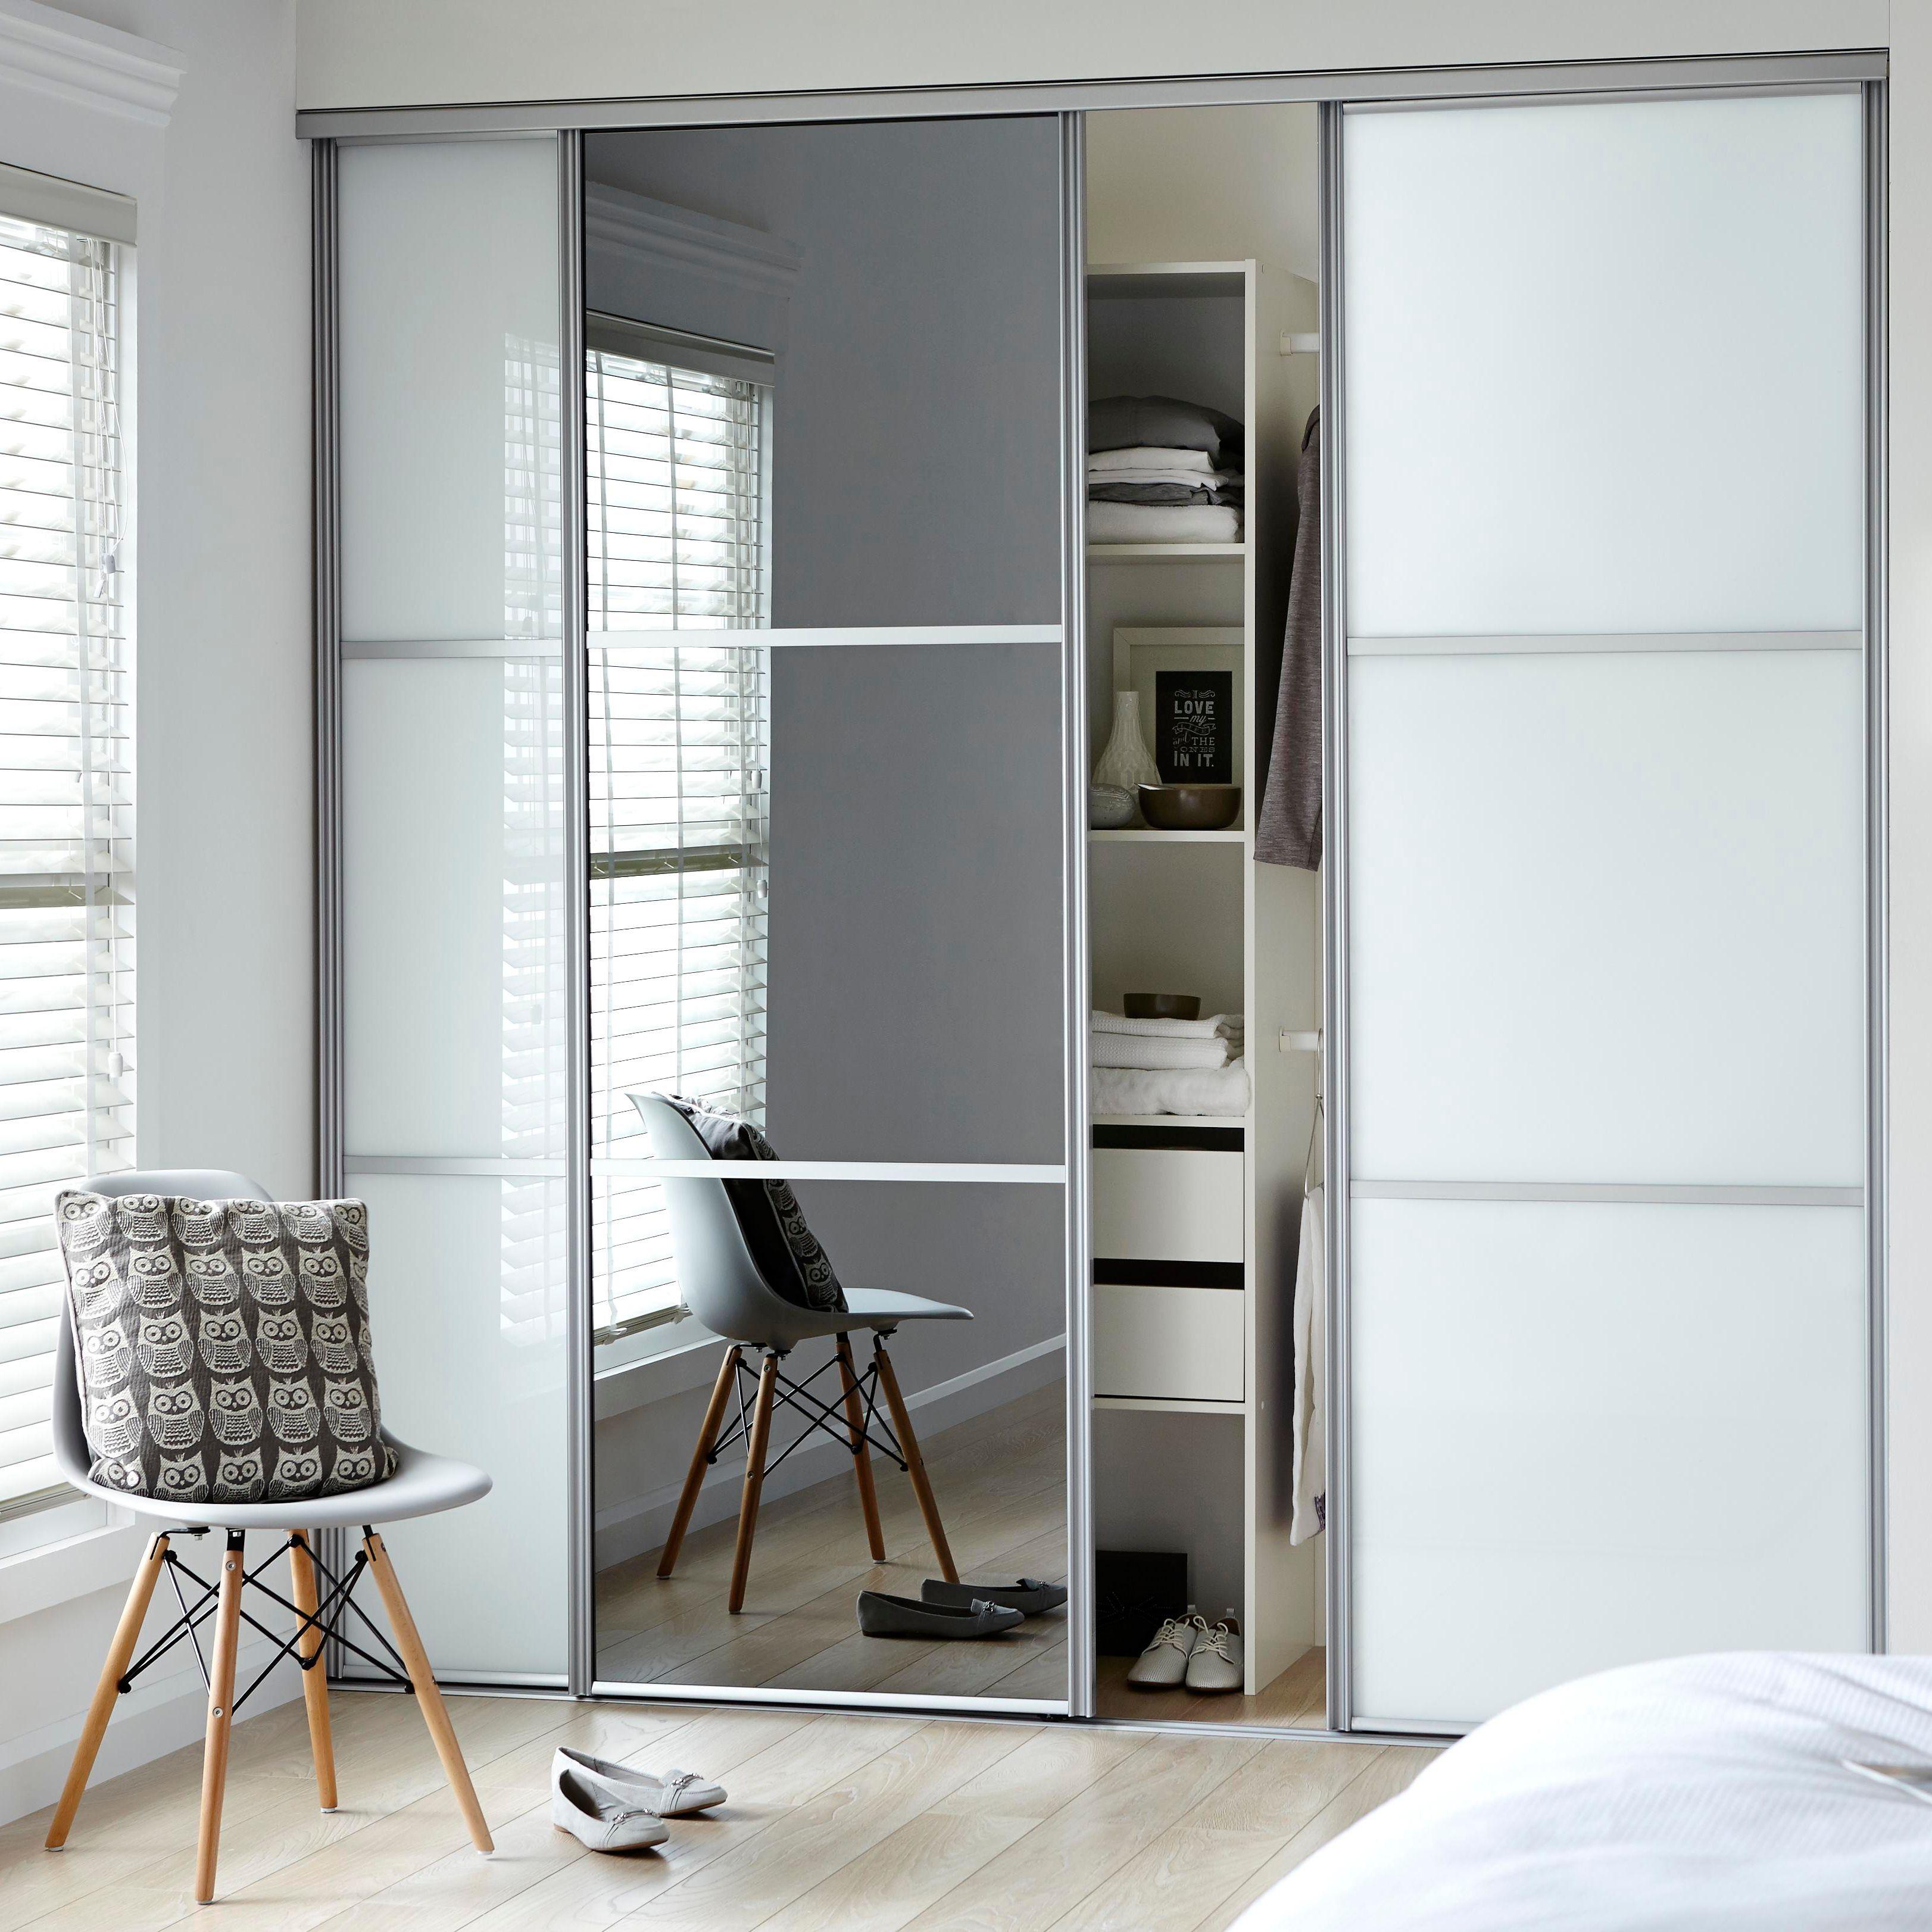 How to measure & install sliding wardrobe doors